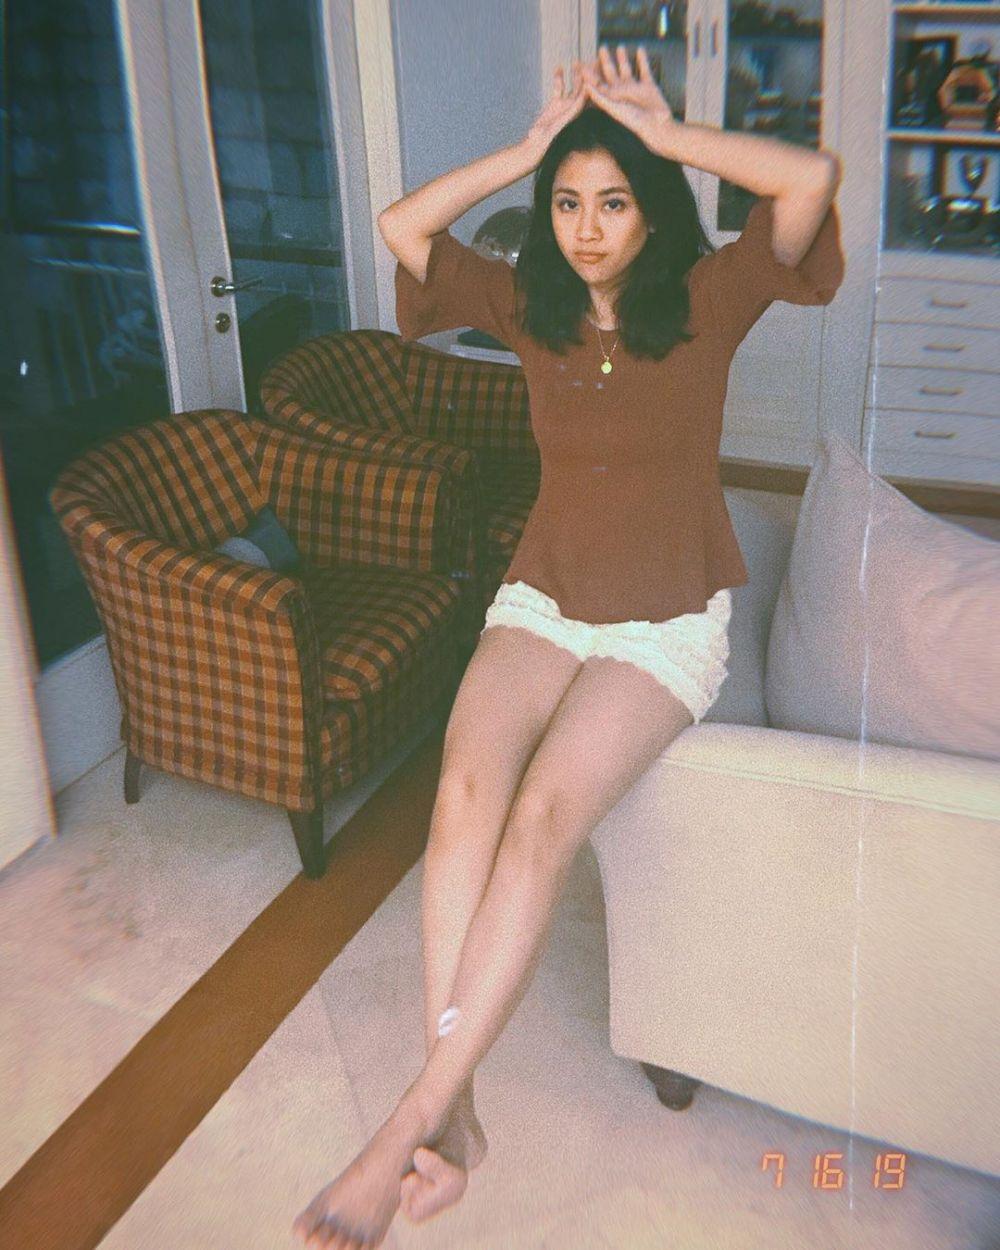 apartemen Sherina instagram